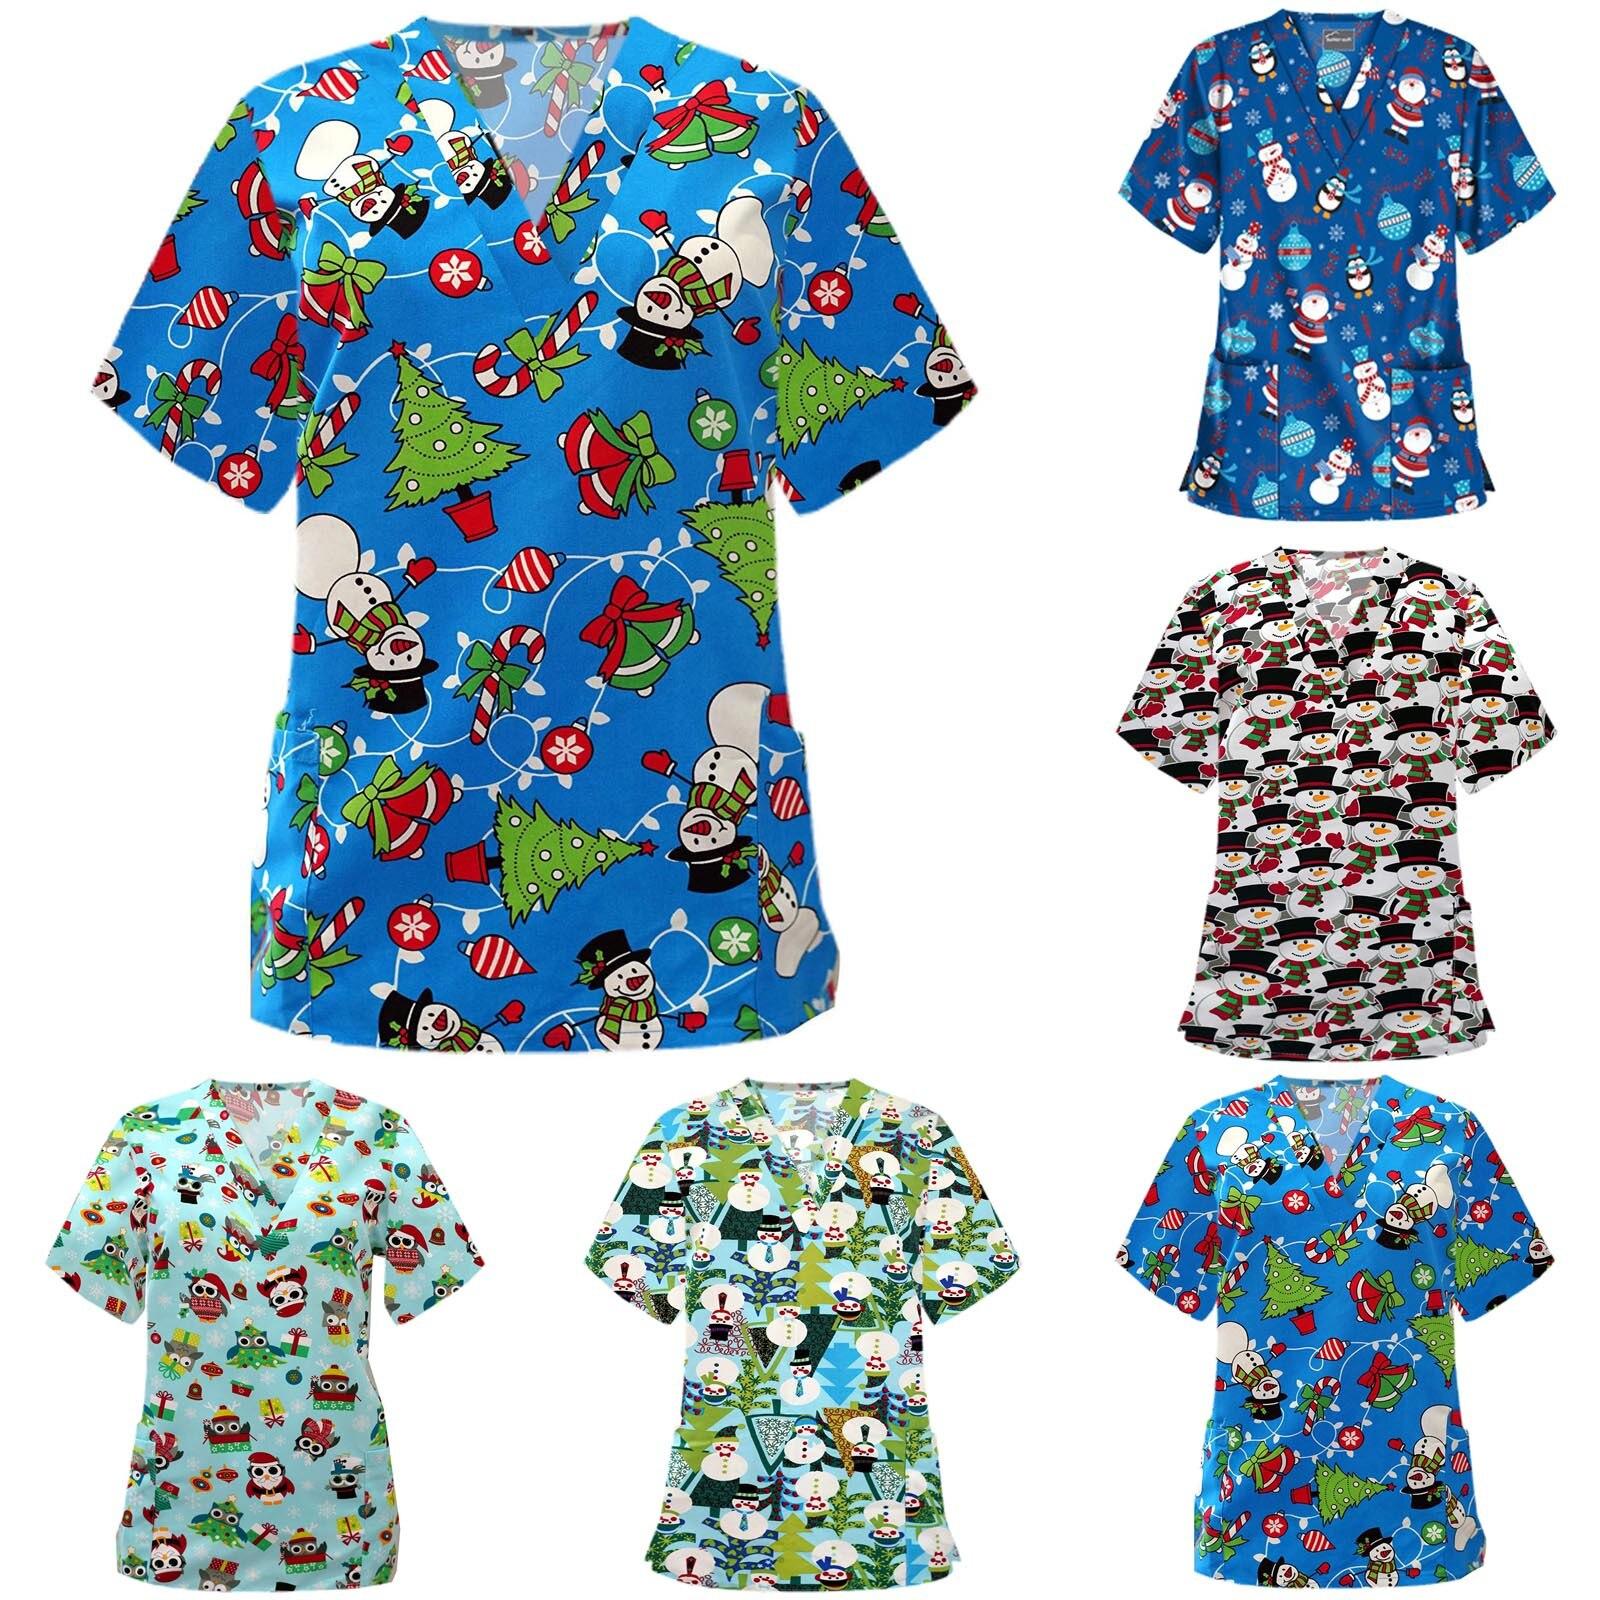 Женский комбинезон для медсестры, женский комбинезон с коротким рукавом, V-образным вырезом, топы, скрабы, Униформа, футболки, ская q5 q5